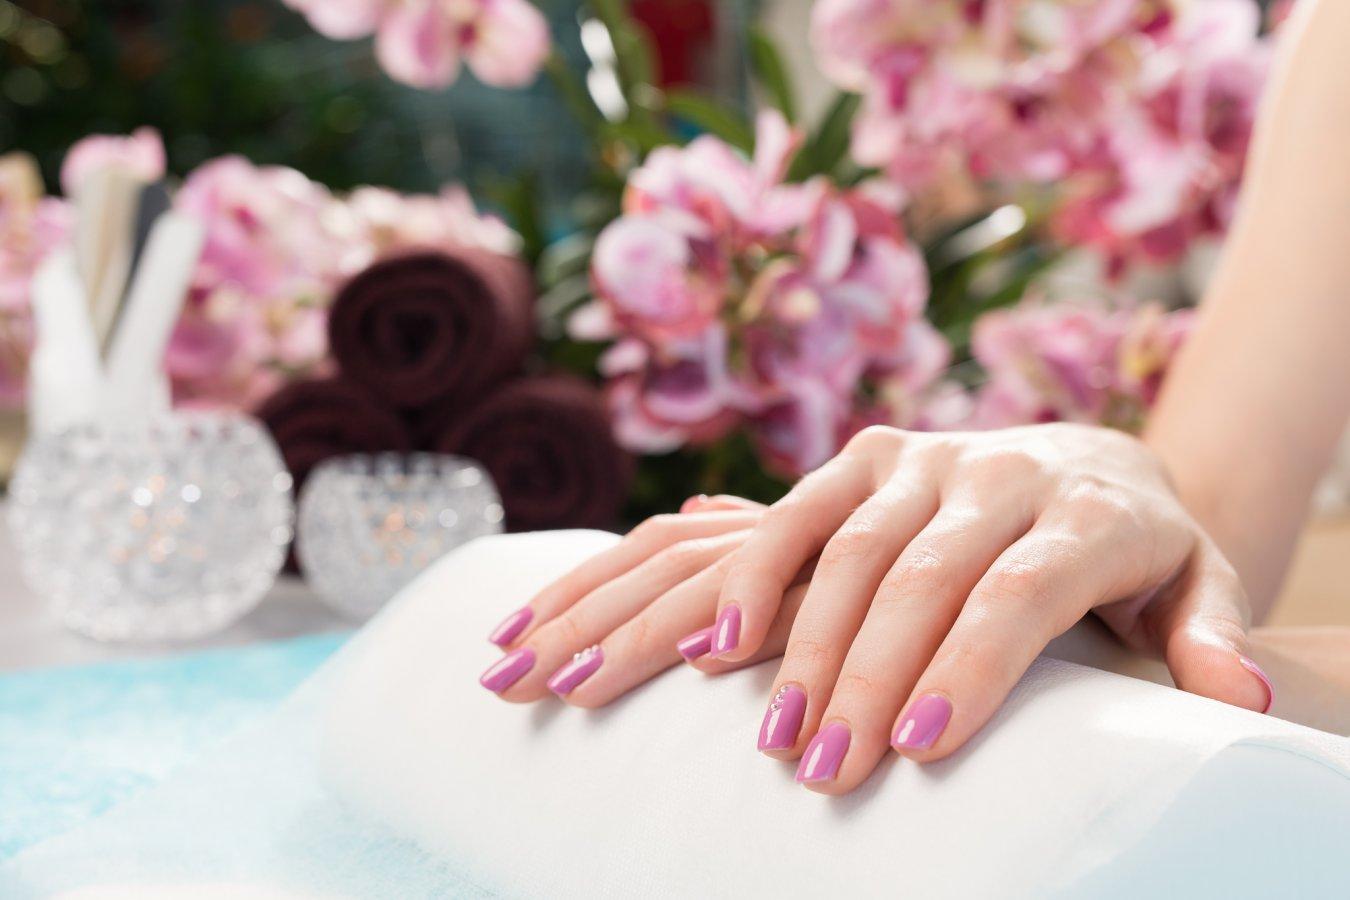 Гель-лак для ногтей THE ONE от Орифлэйм